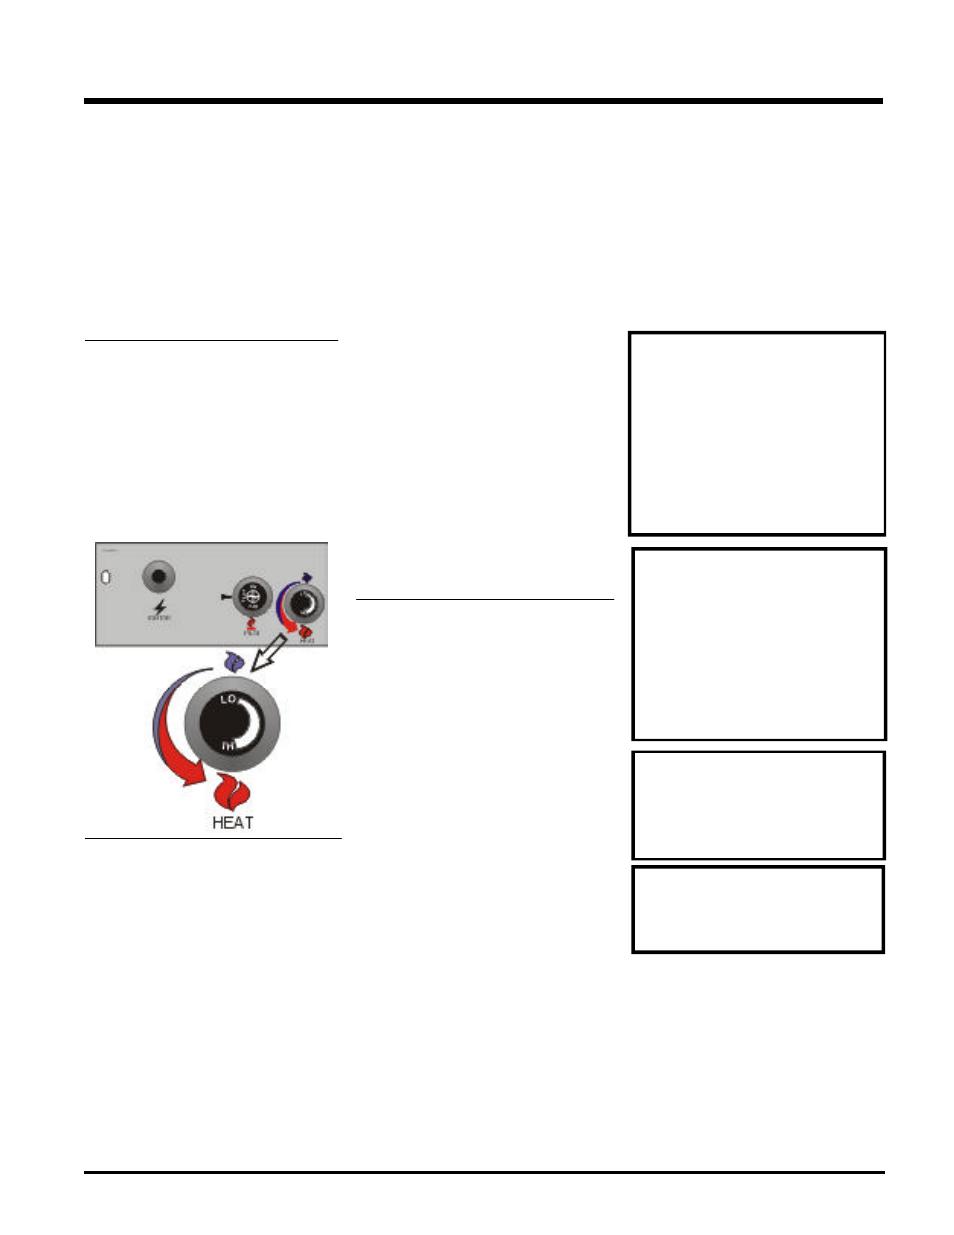 Maintenance Maintenance Instructions Automatic Convection Fan